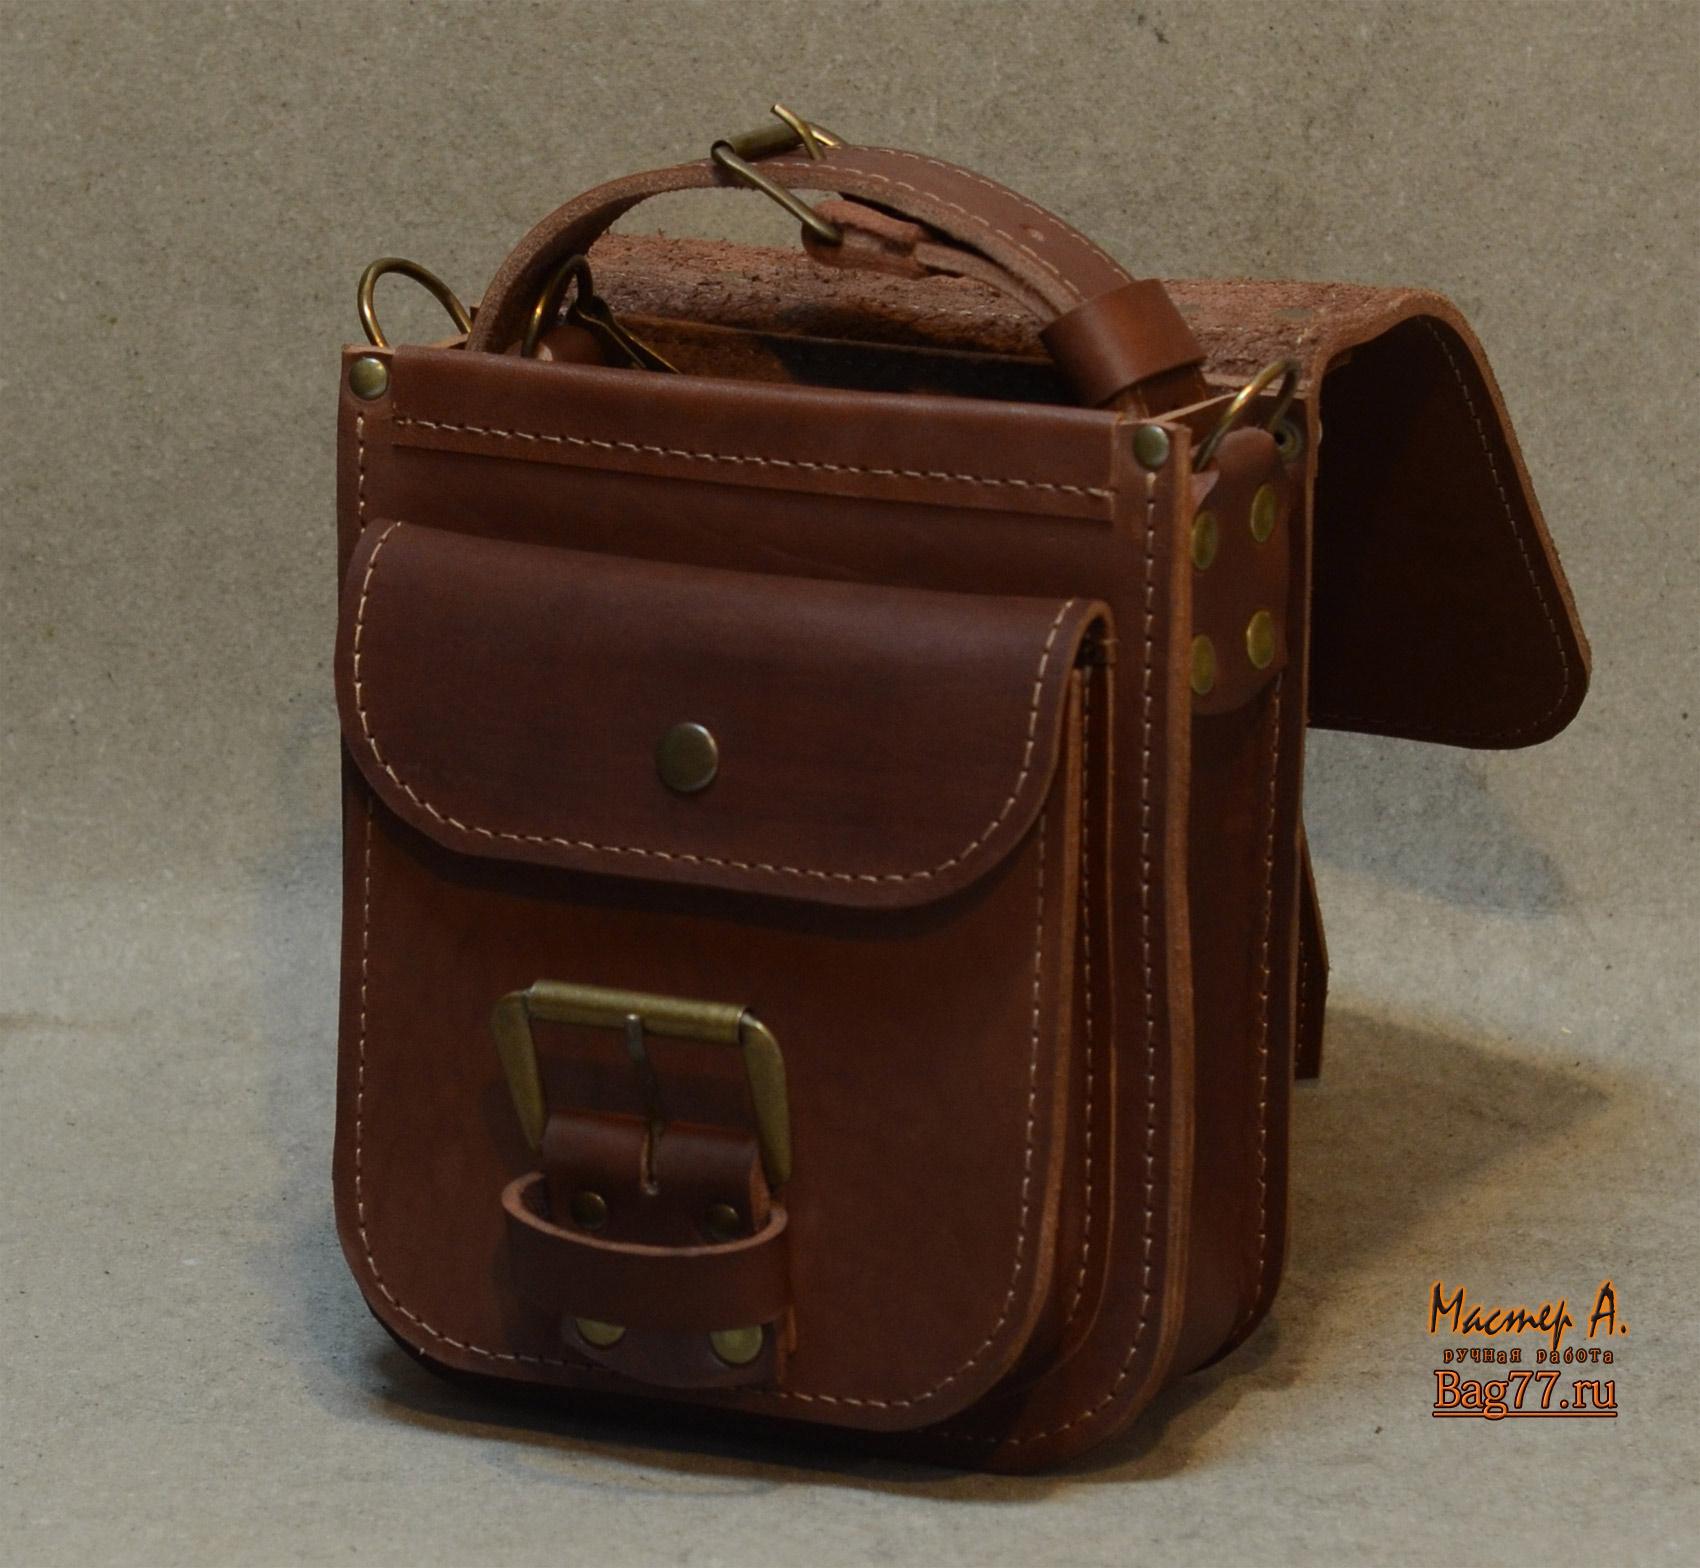 Мужские барсетки ручной работы из кожи « Bag77.ru — кожаные сумки и ... 60f77b5ff7e